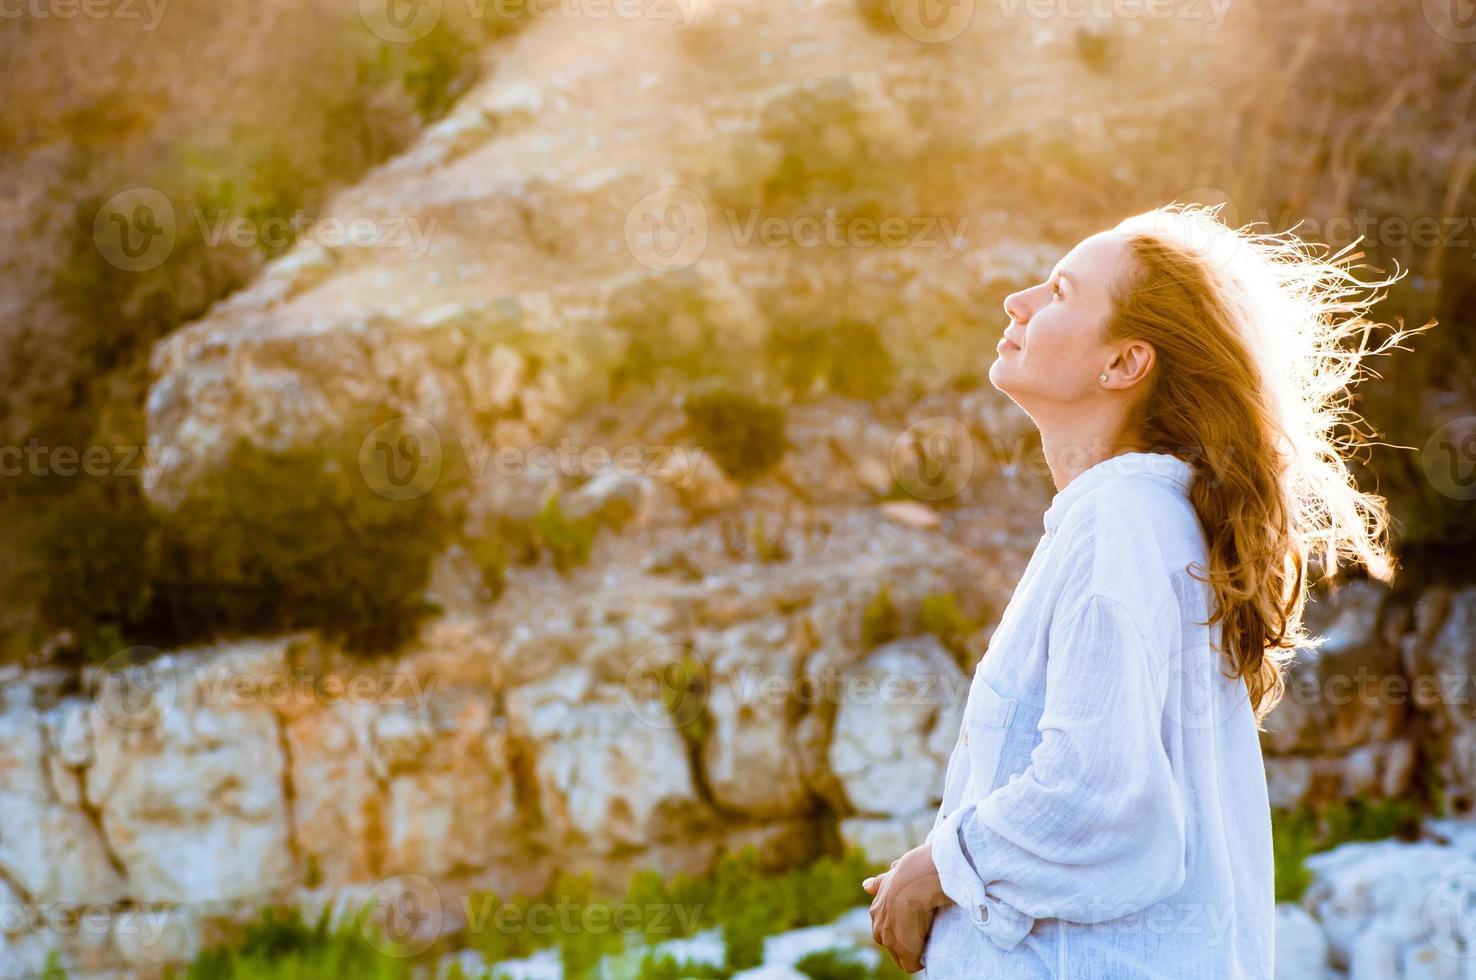 bella giovane donna in camicia bianca godendo la luce del tramonto foto